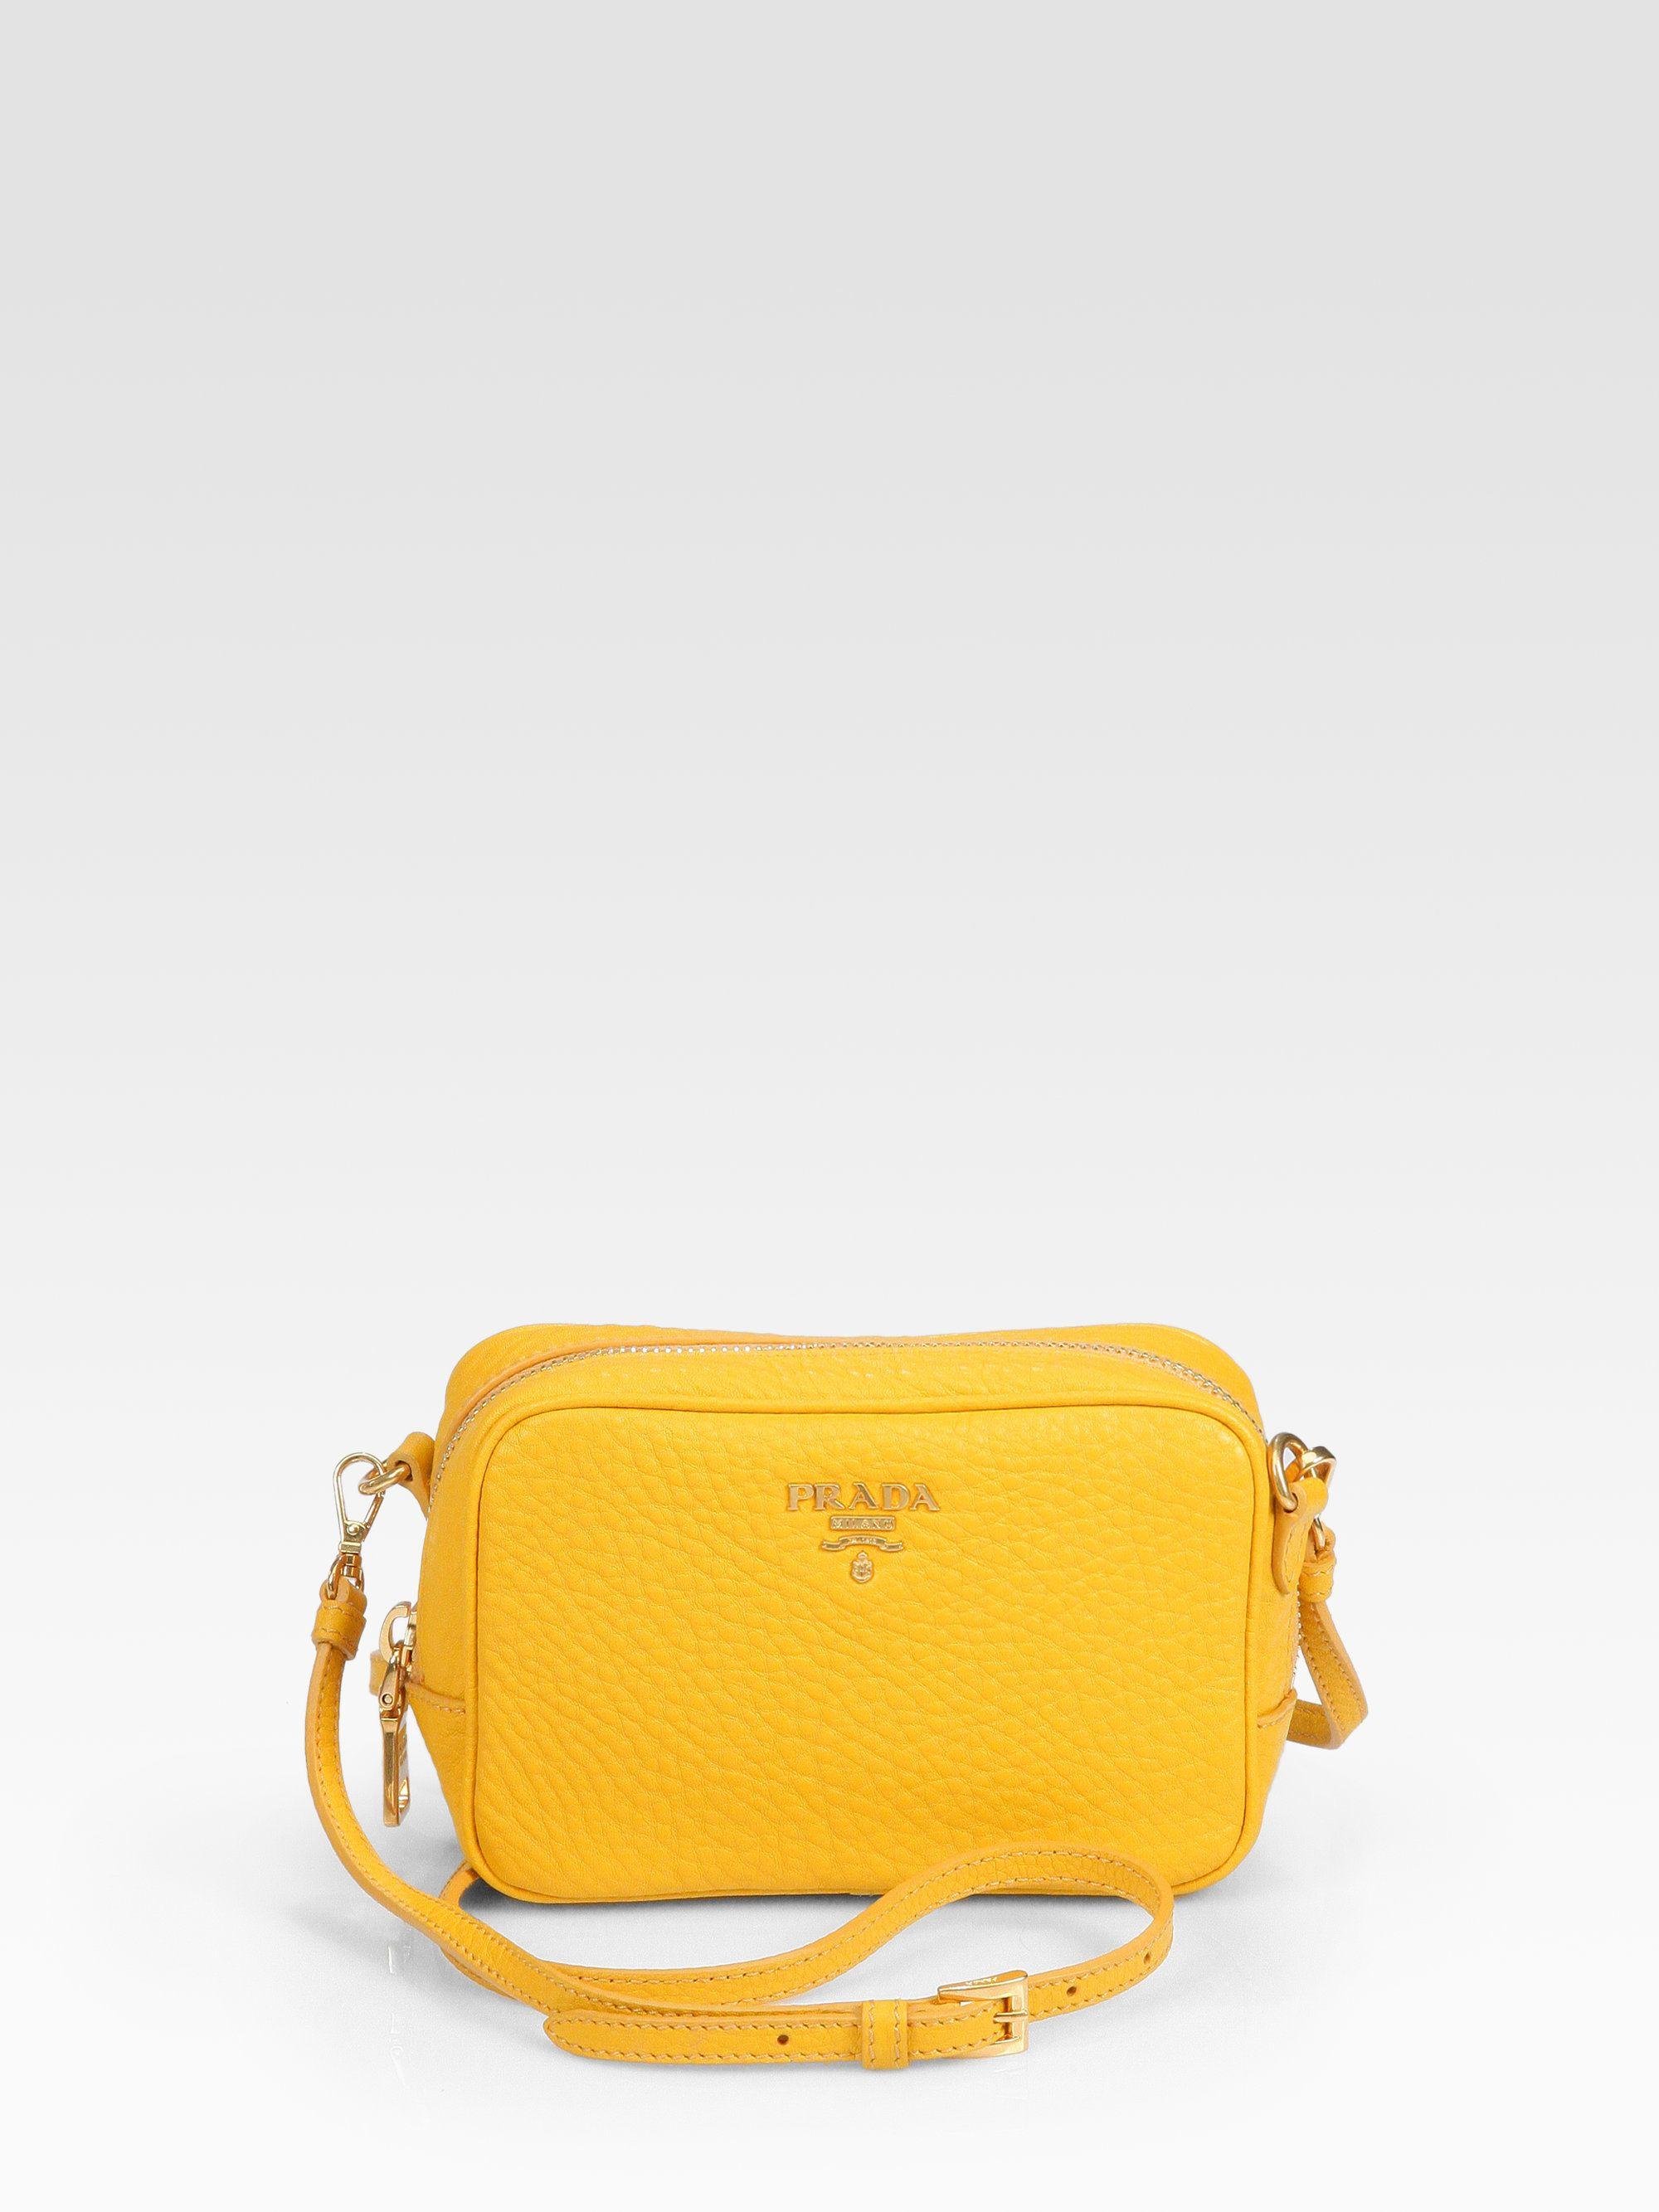 Prada Bag Yellow